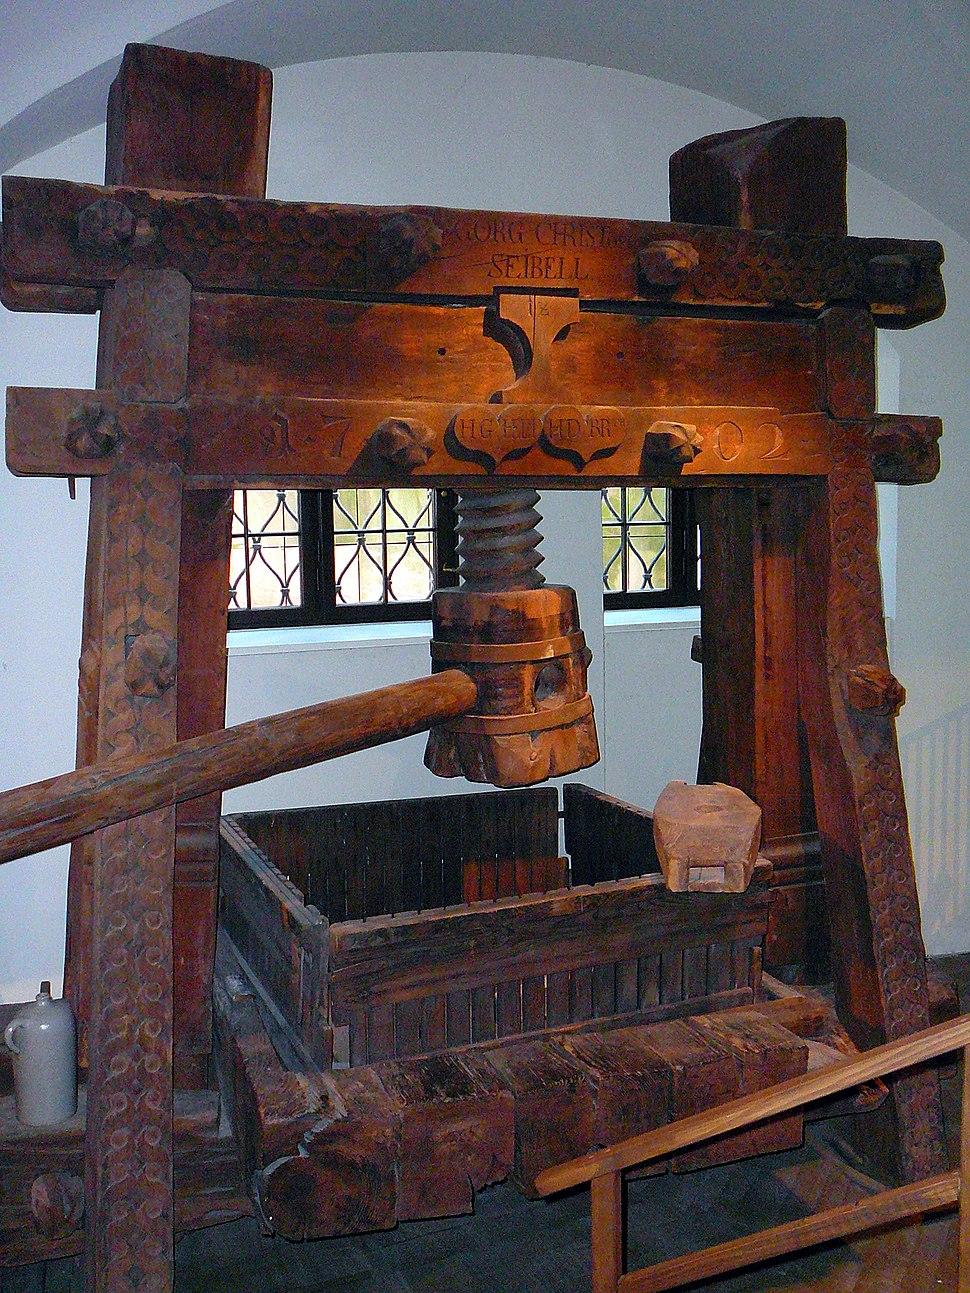 Holzspindelkelter von 1702